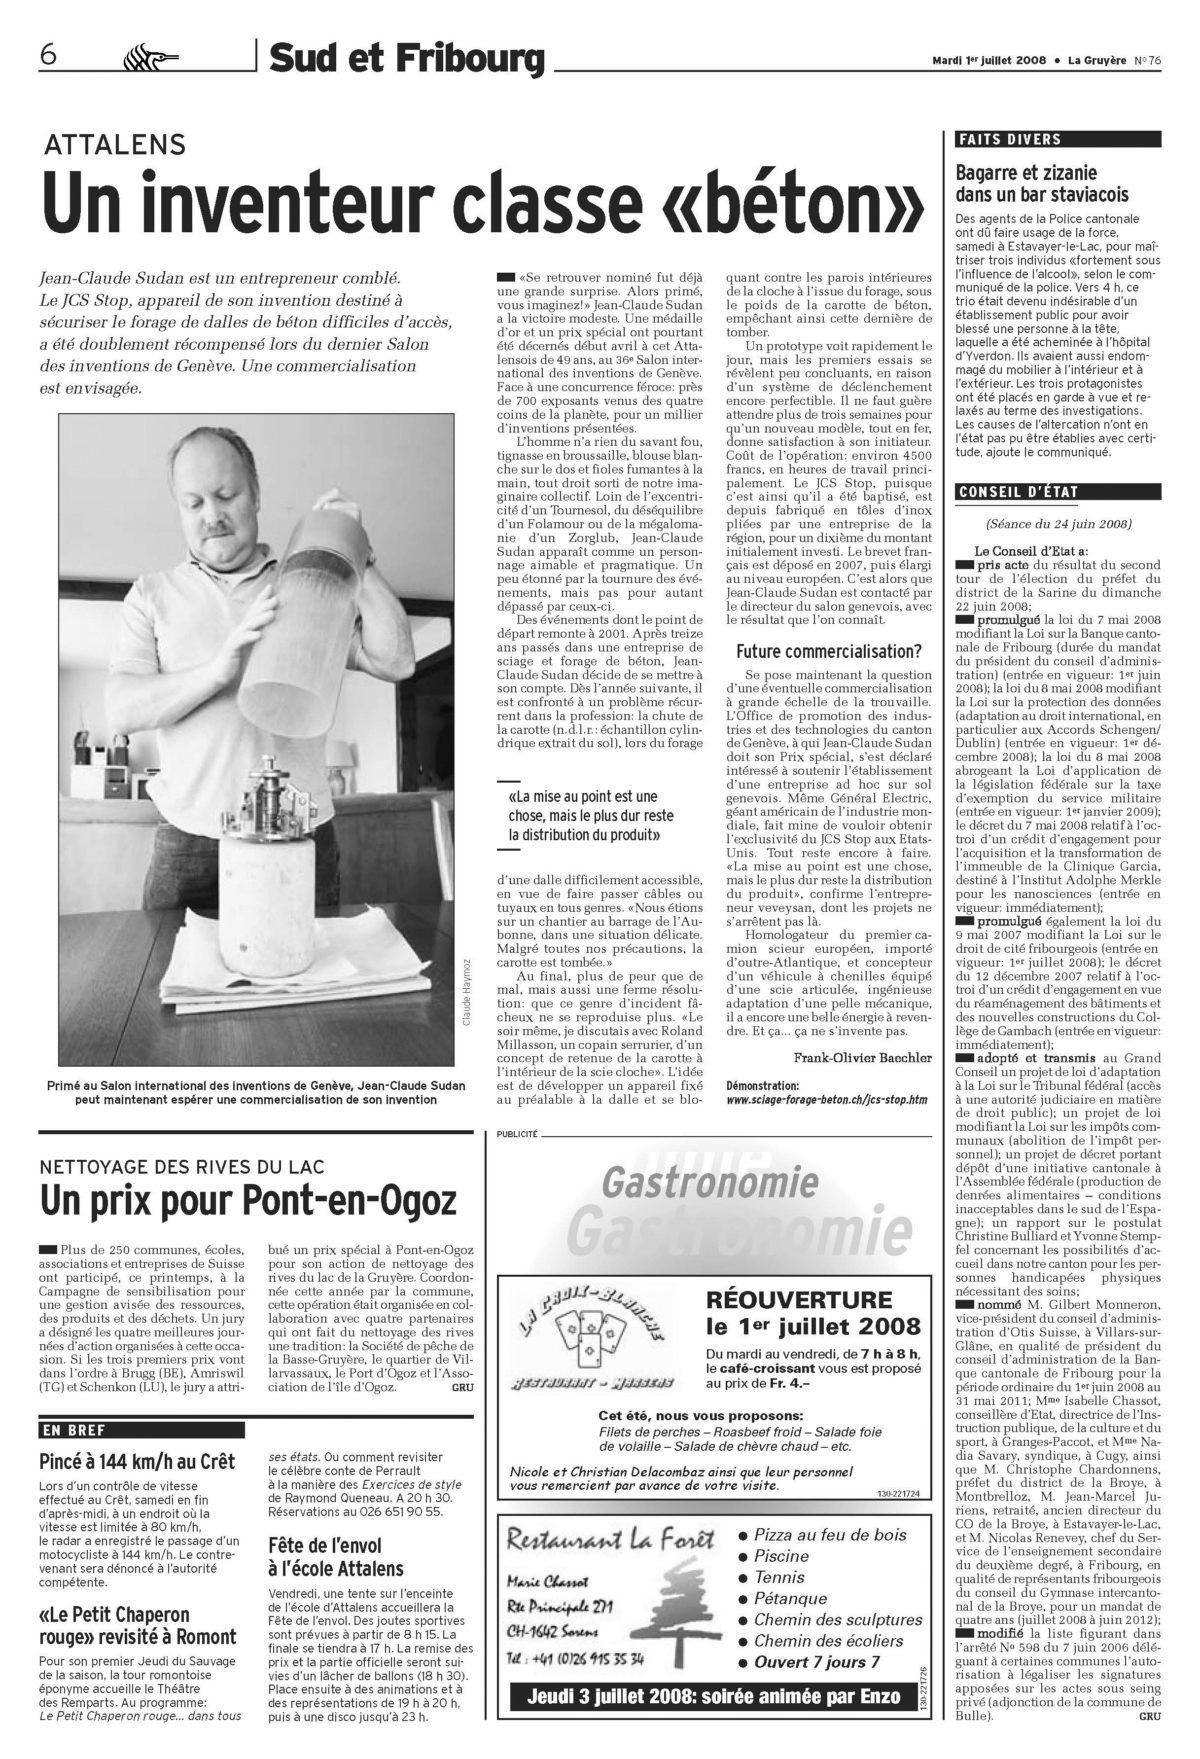 La Gruyère; Mardi 1 Juillet 2008